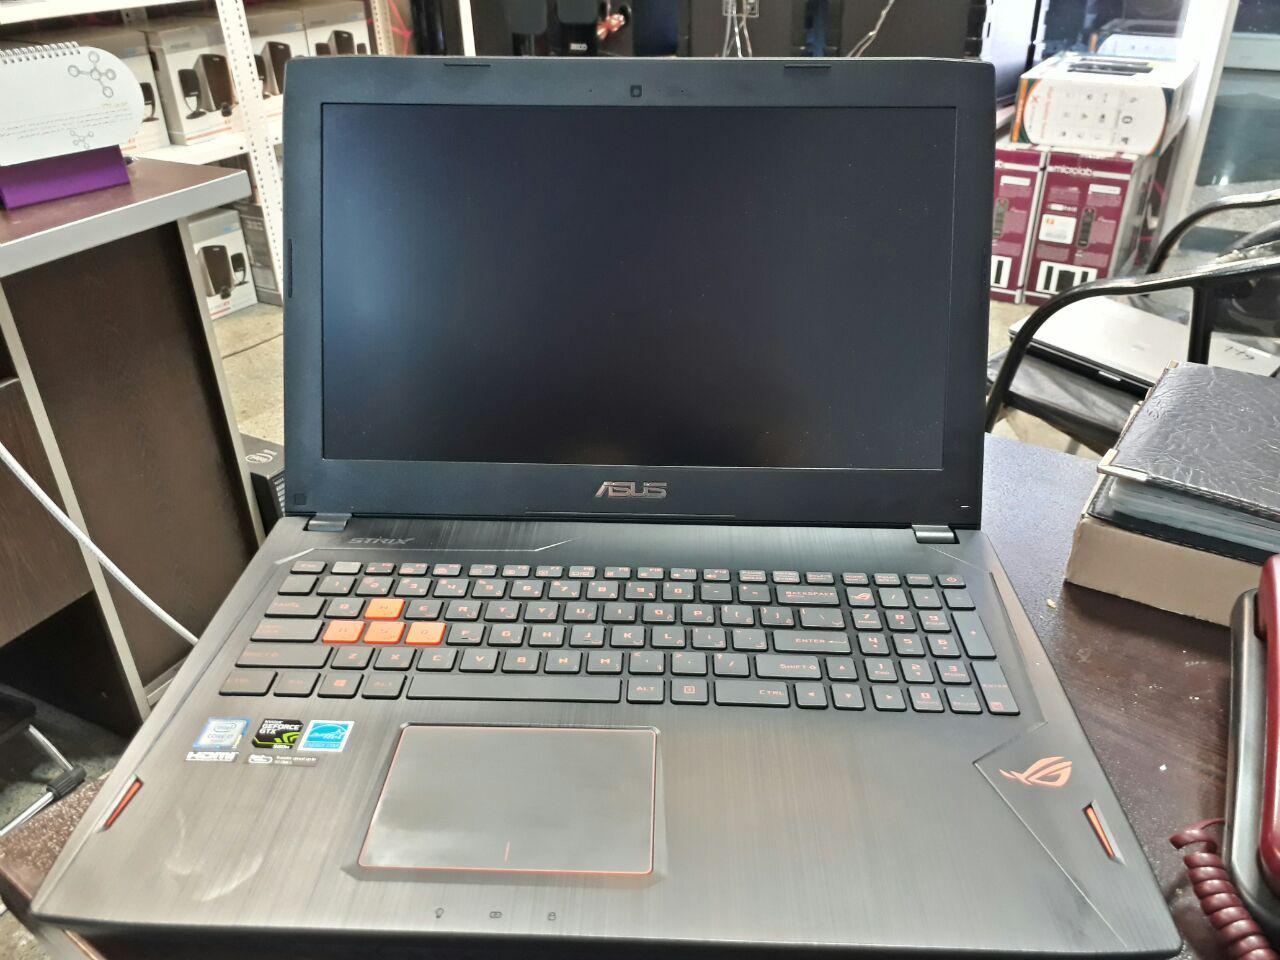 لپ تاپ دست دوم ایسوس مدل Asus jl502v